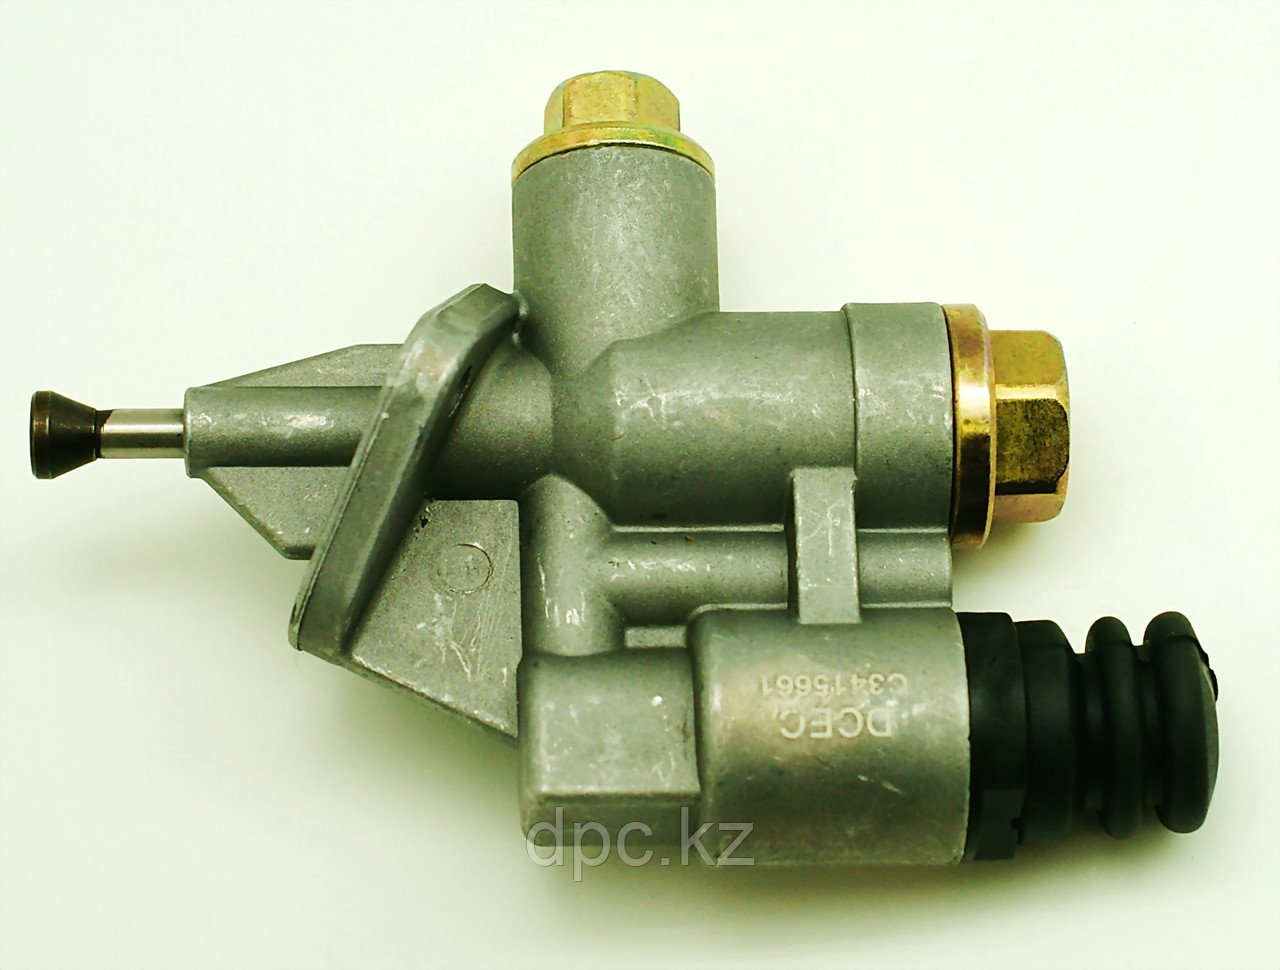 Топливный насос низкого давления (ТННД) Cummins 6CT 4988747 3415661